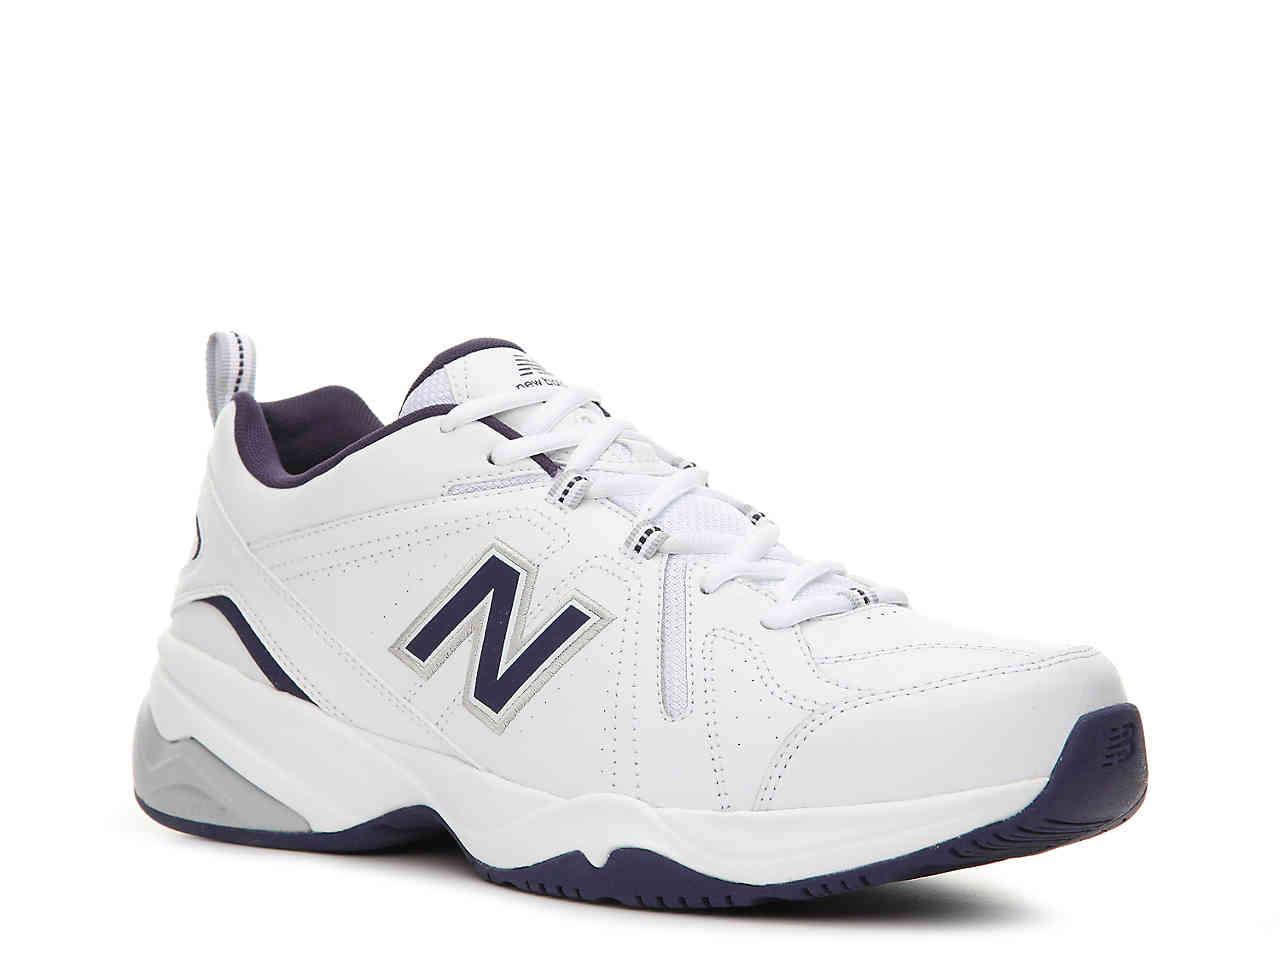 shoe13.jpg